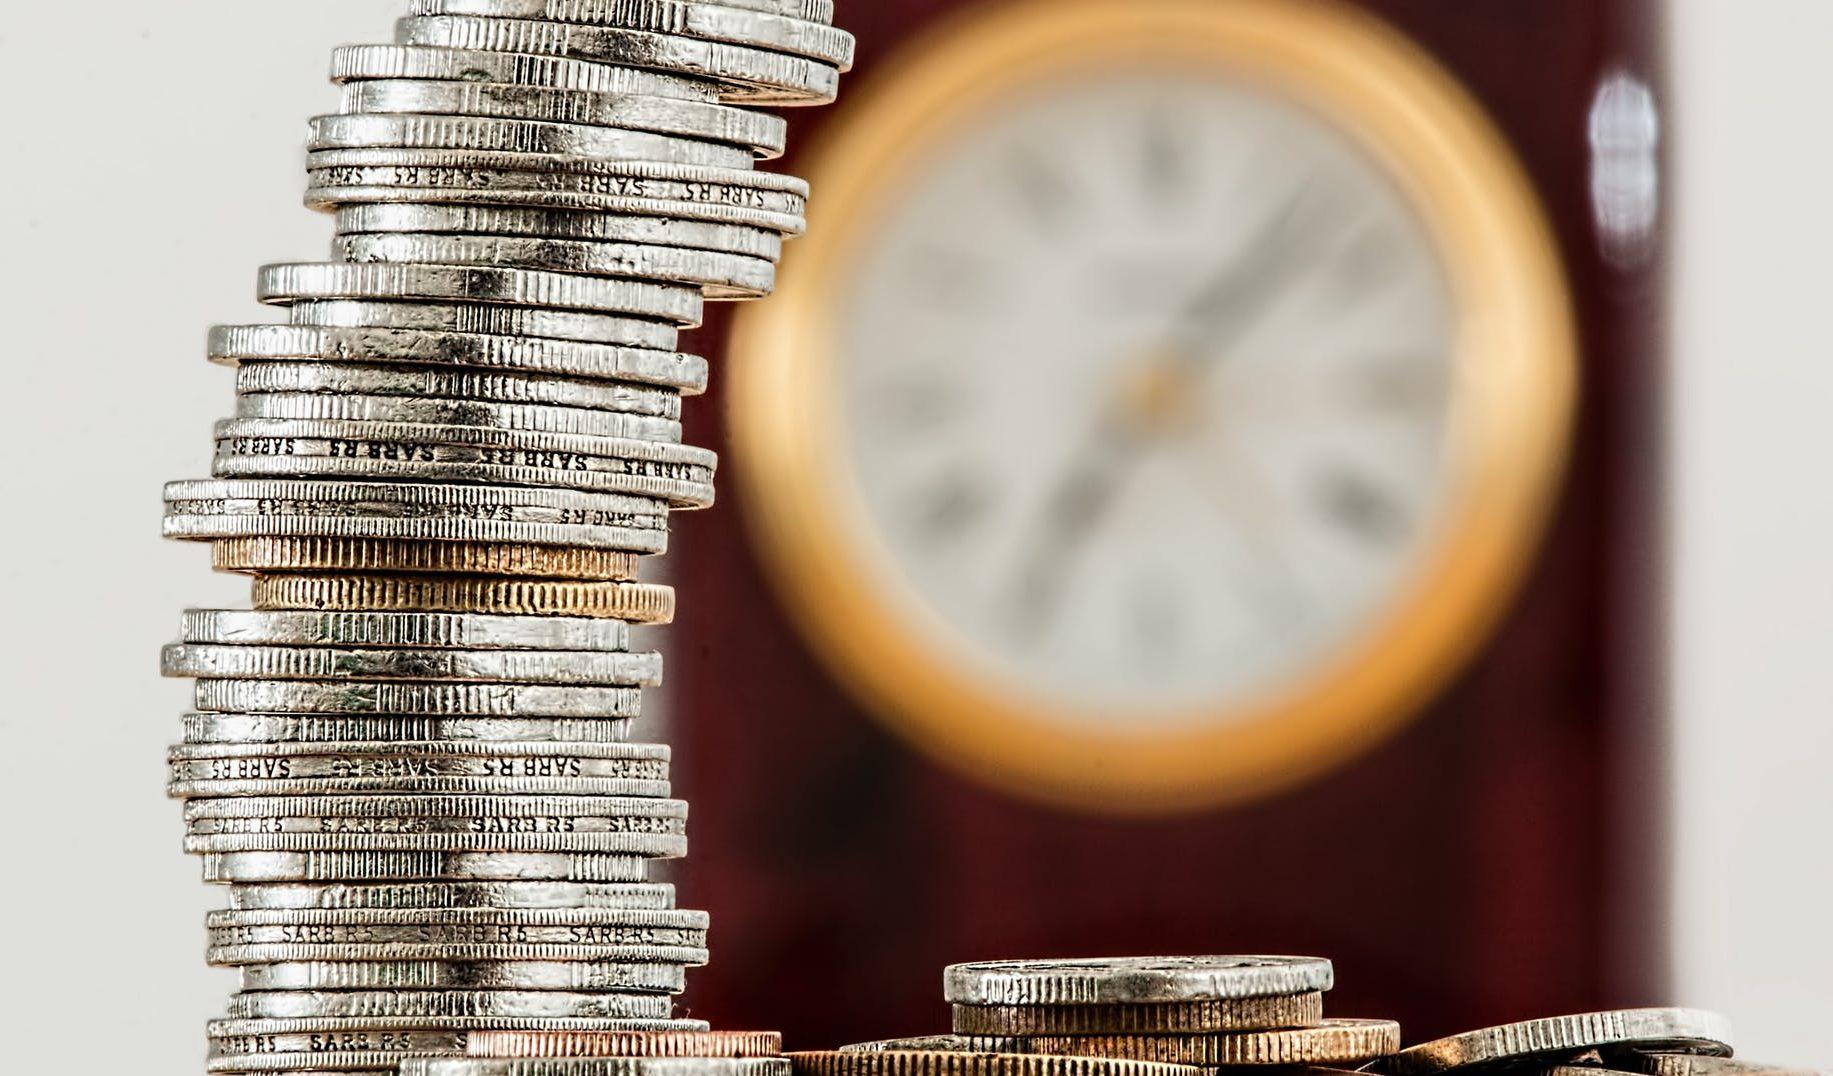 platforma fondului de investiții)